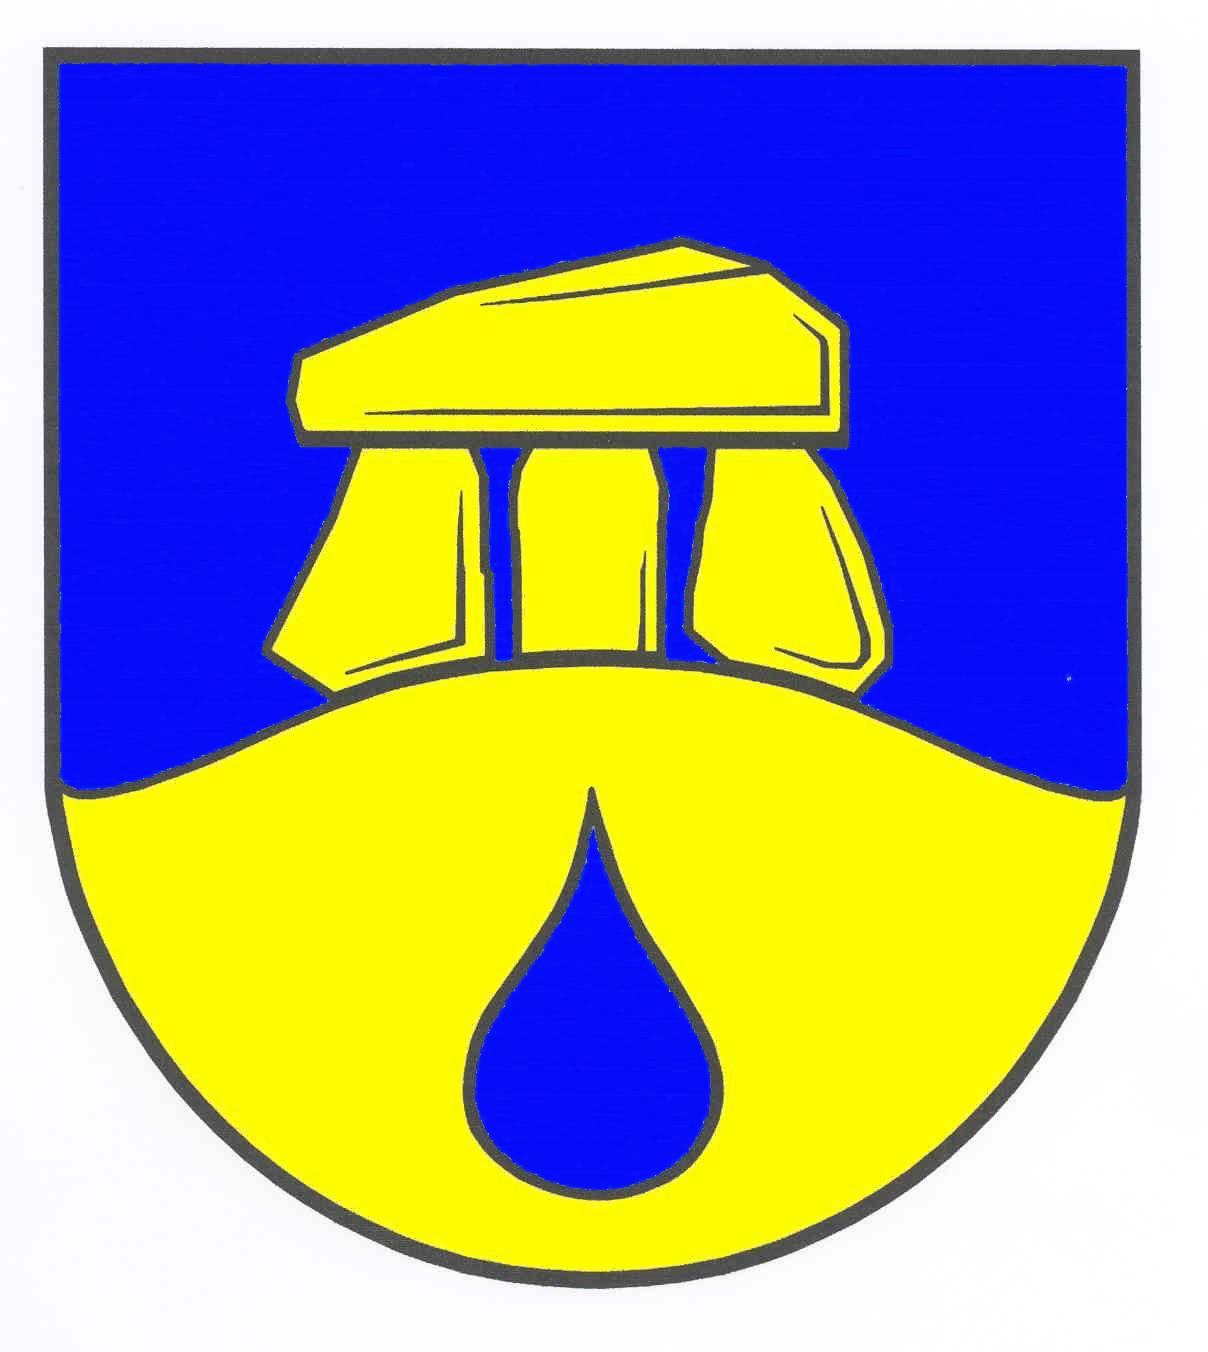 Wappen GemeindeTarbek, Kreis Segeberg